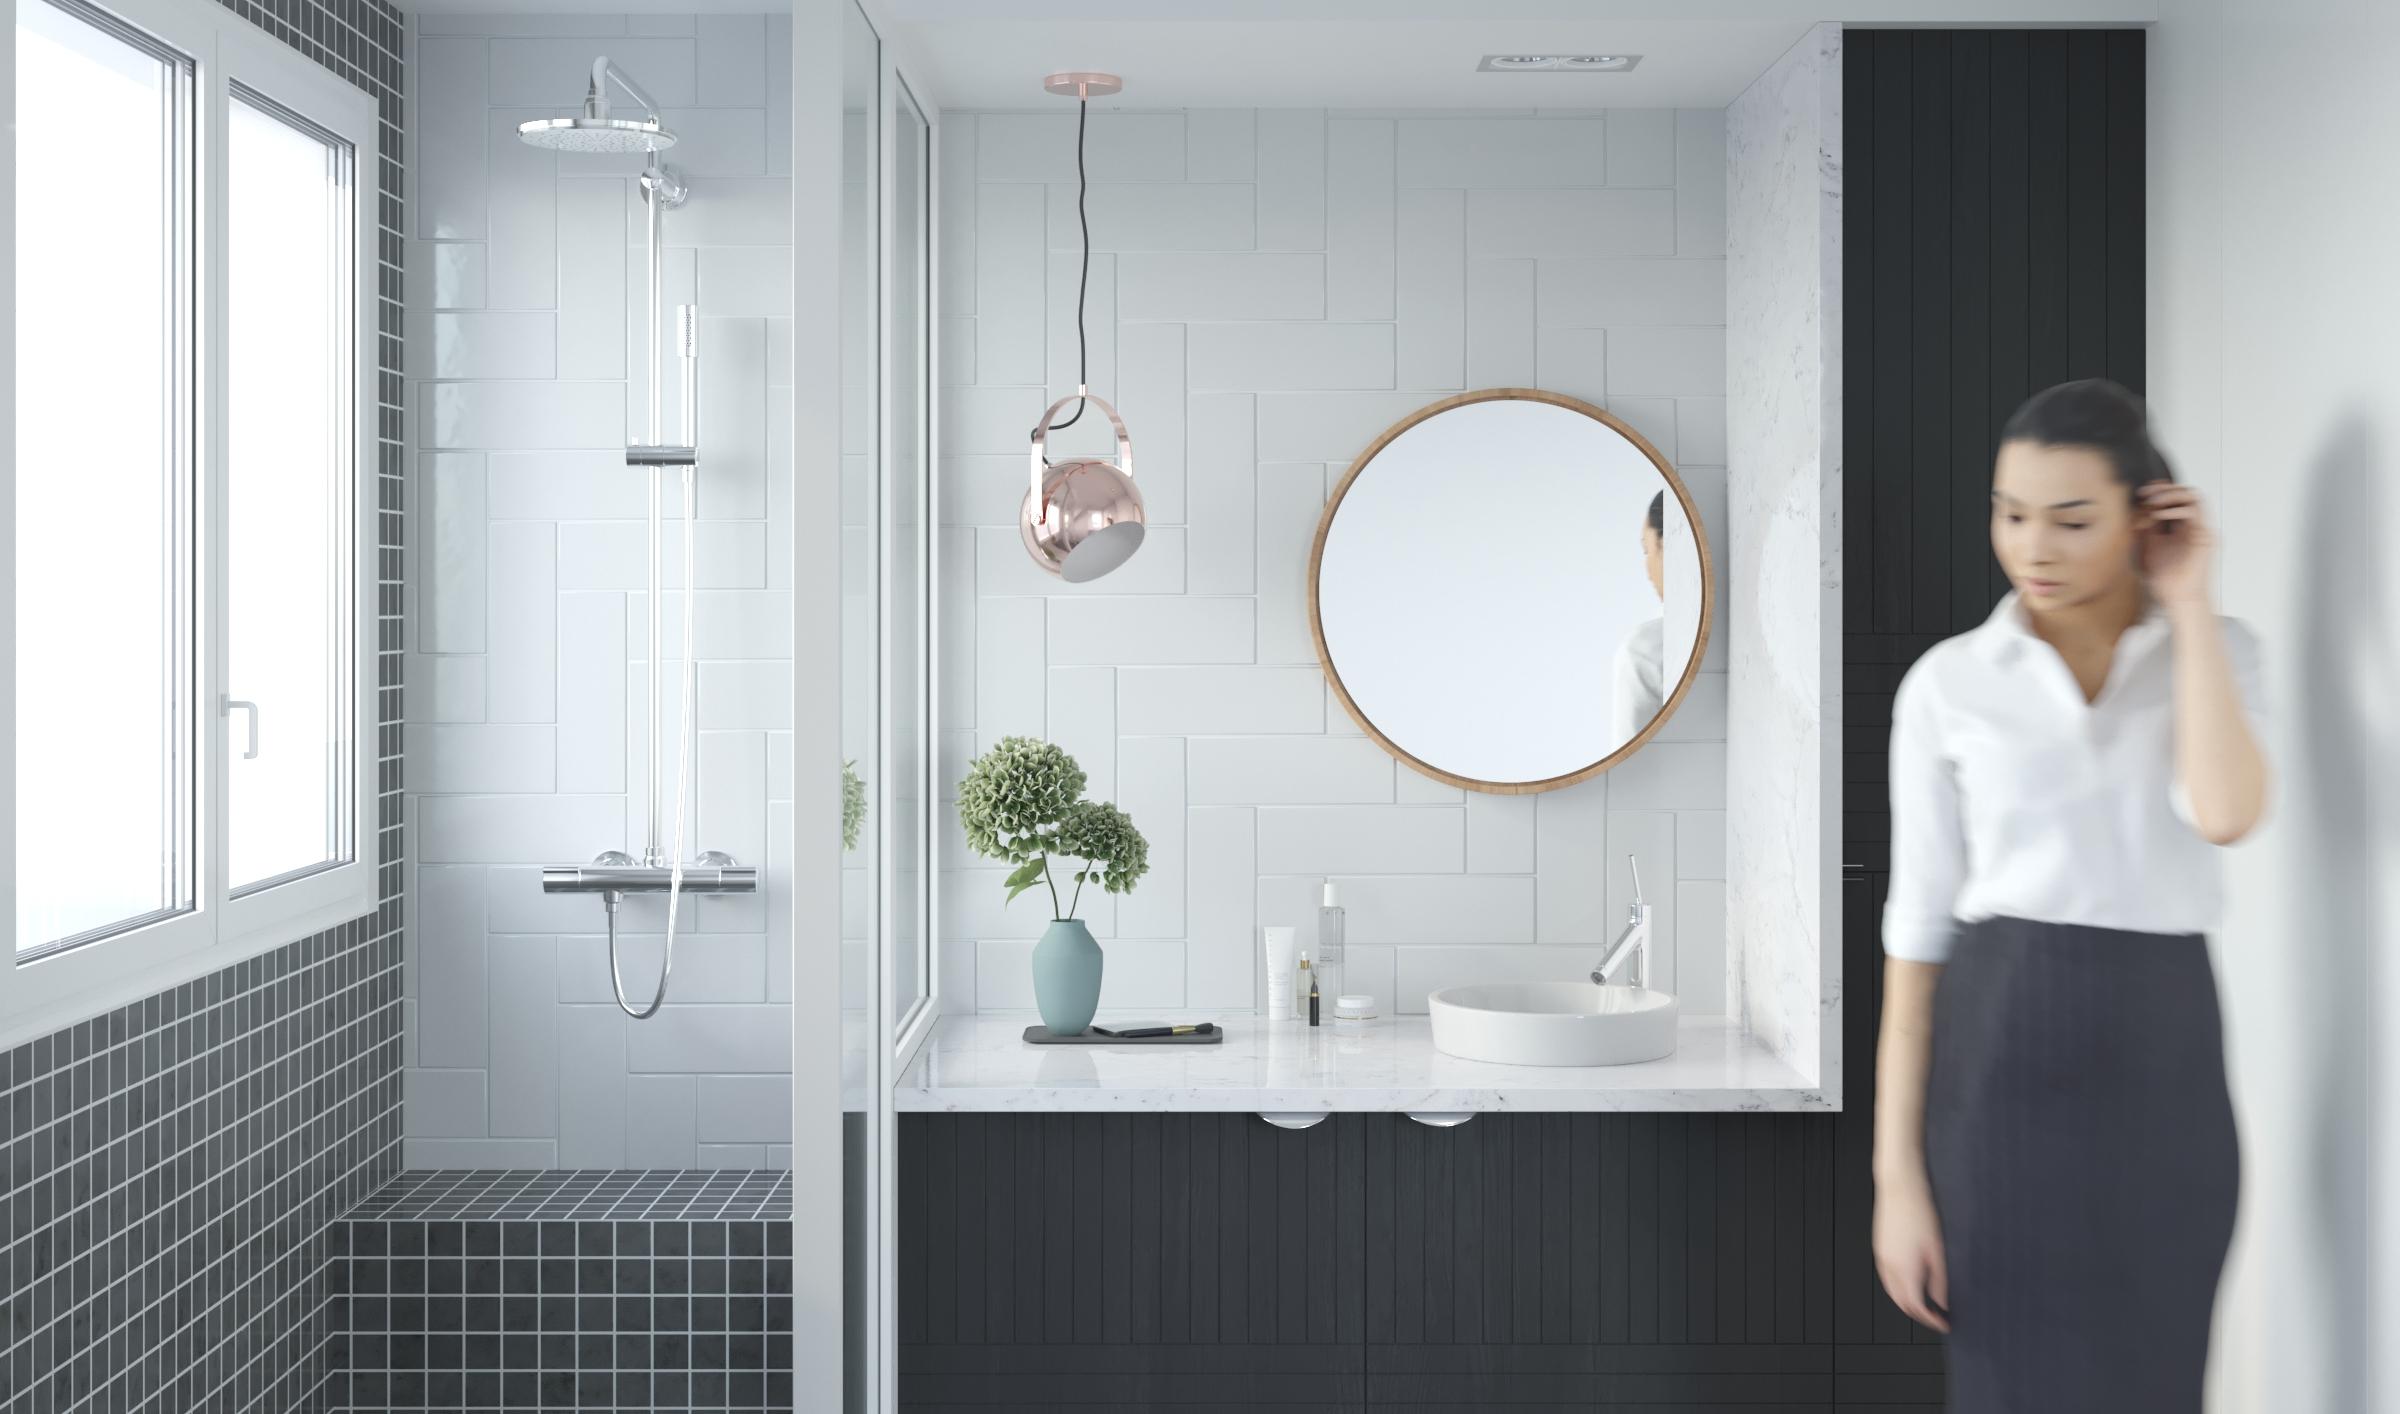 Projet de decoration de salle de bain ekarchitecte for Projet salle de bain